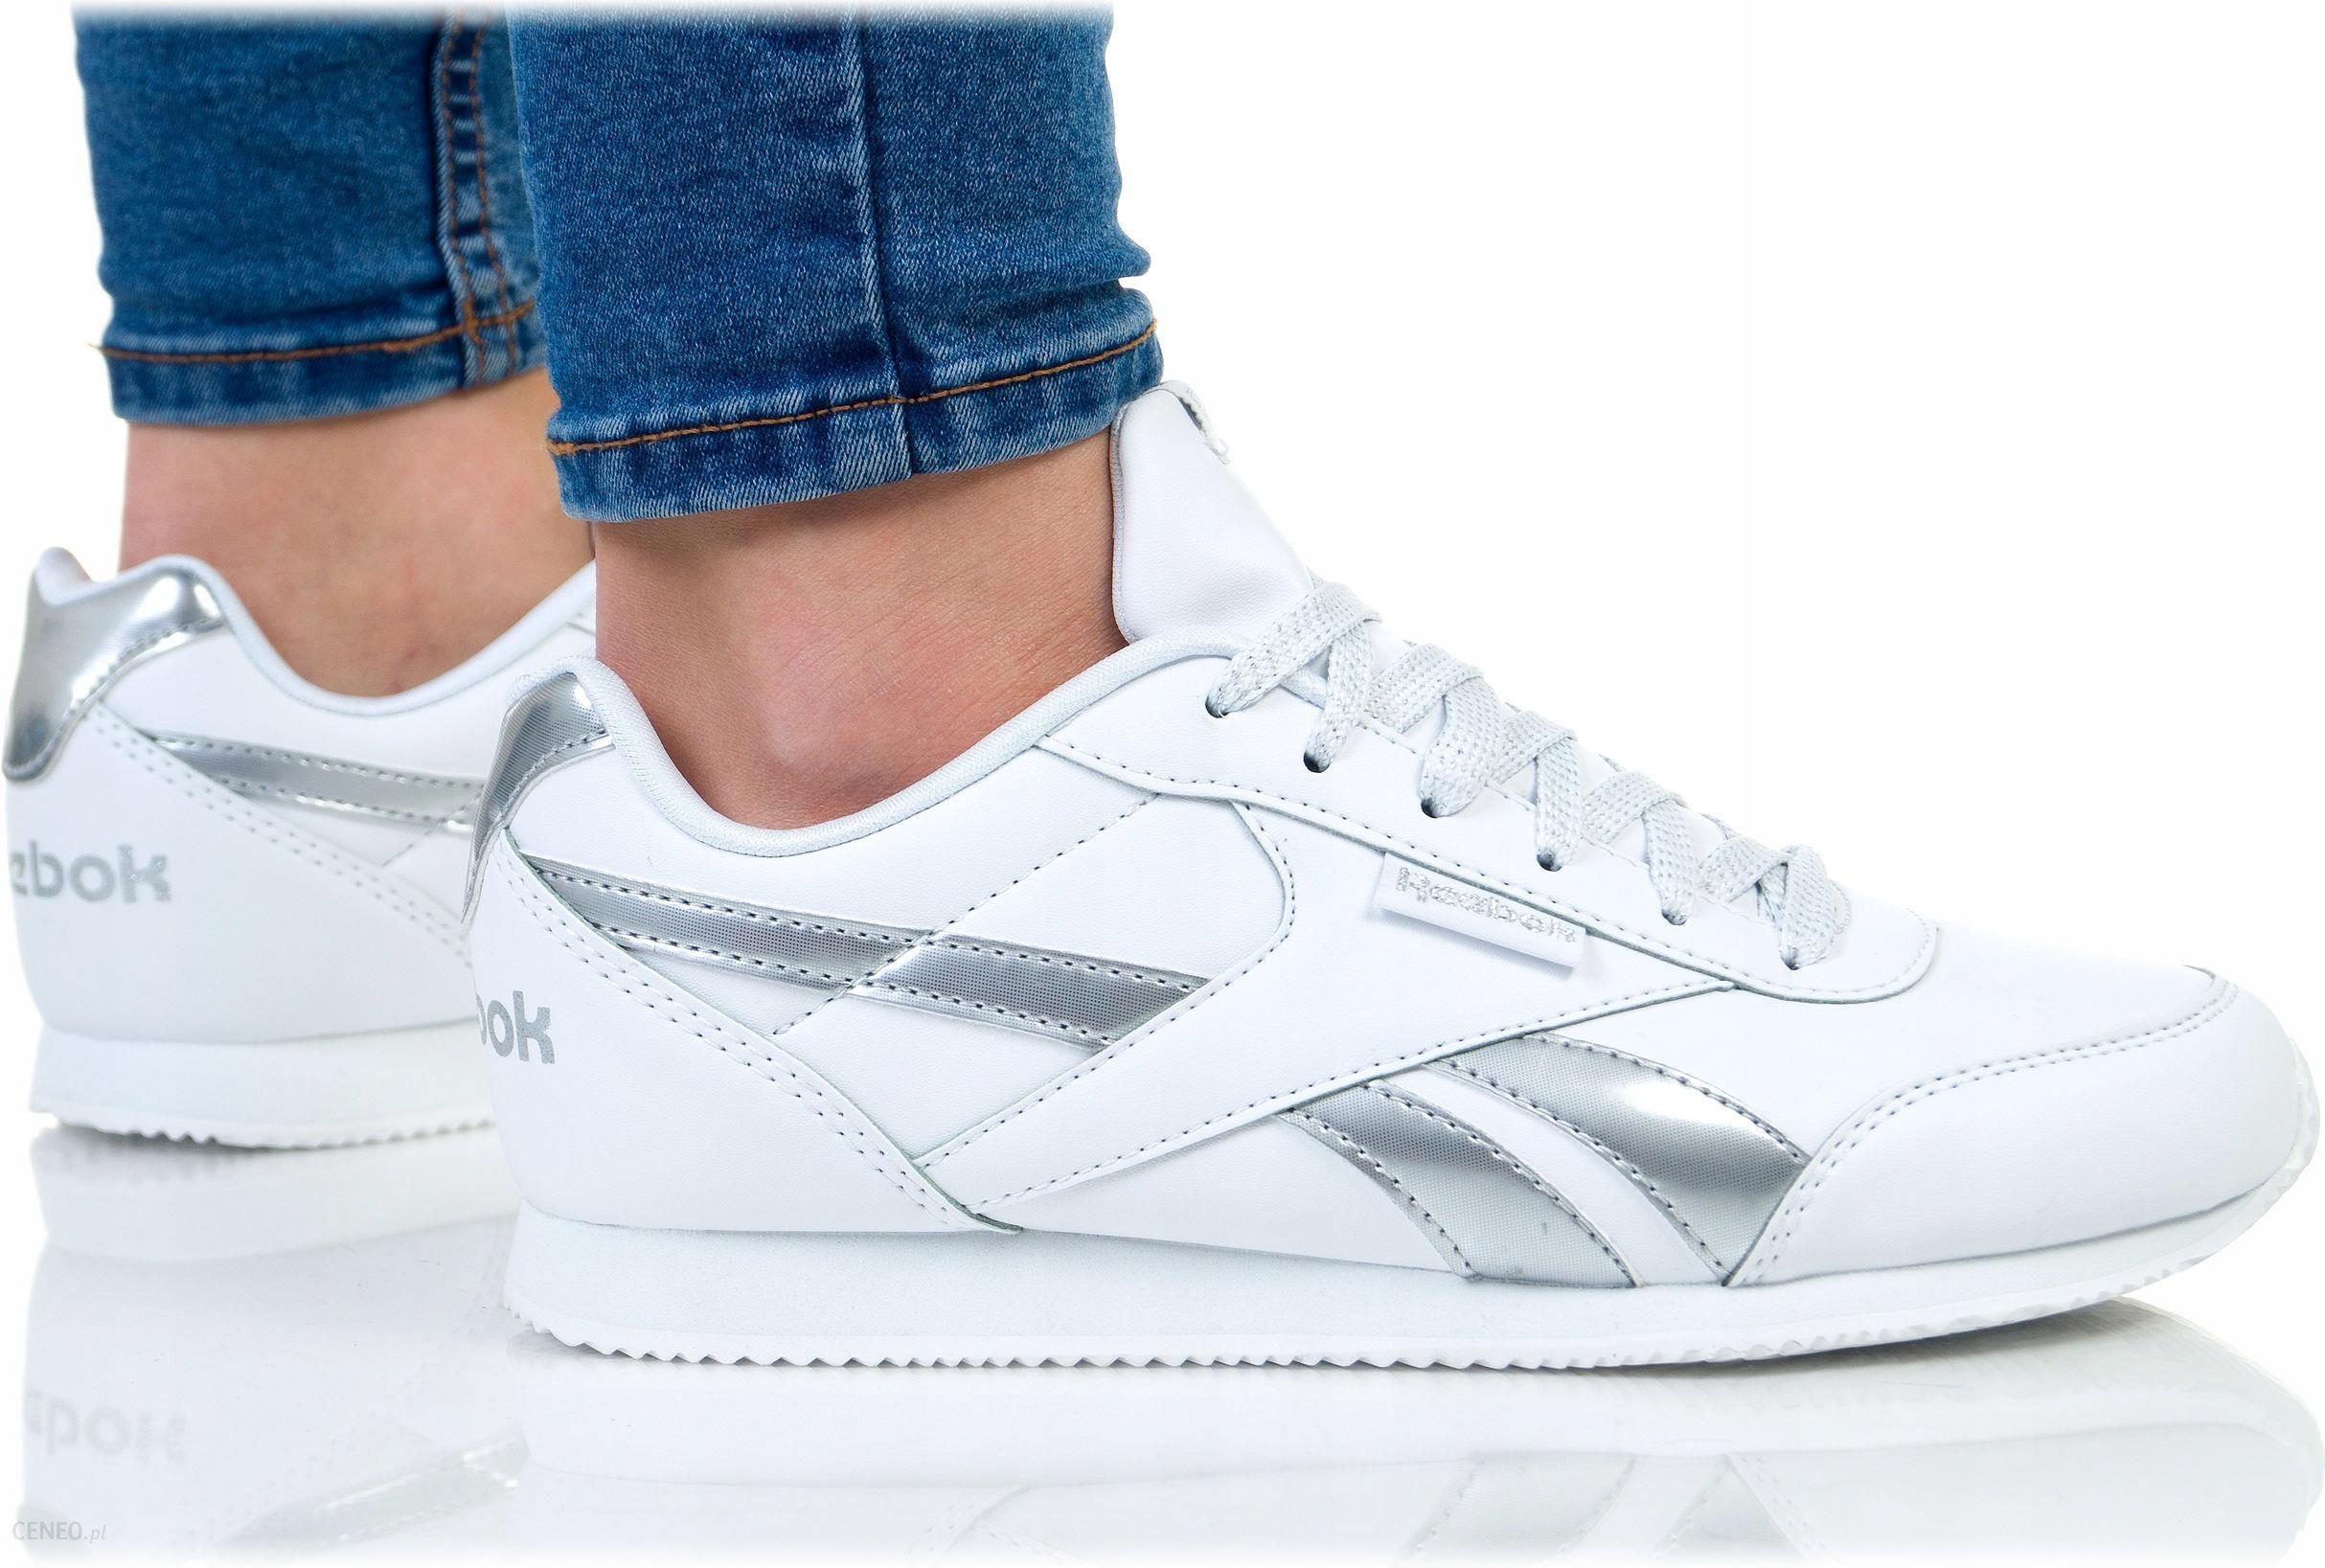 Reebok Buty Reebok Biały, Szary Sneakersy Kobiety Obuwie